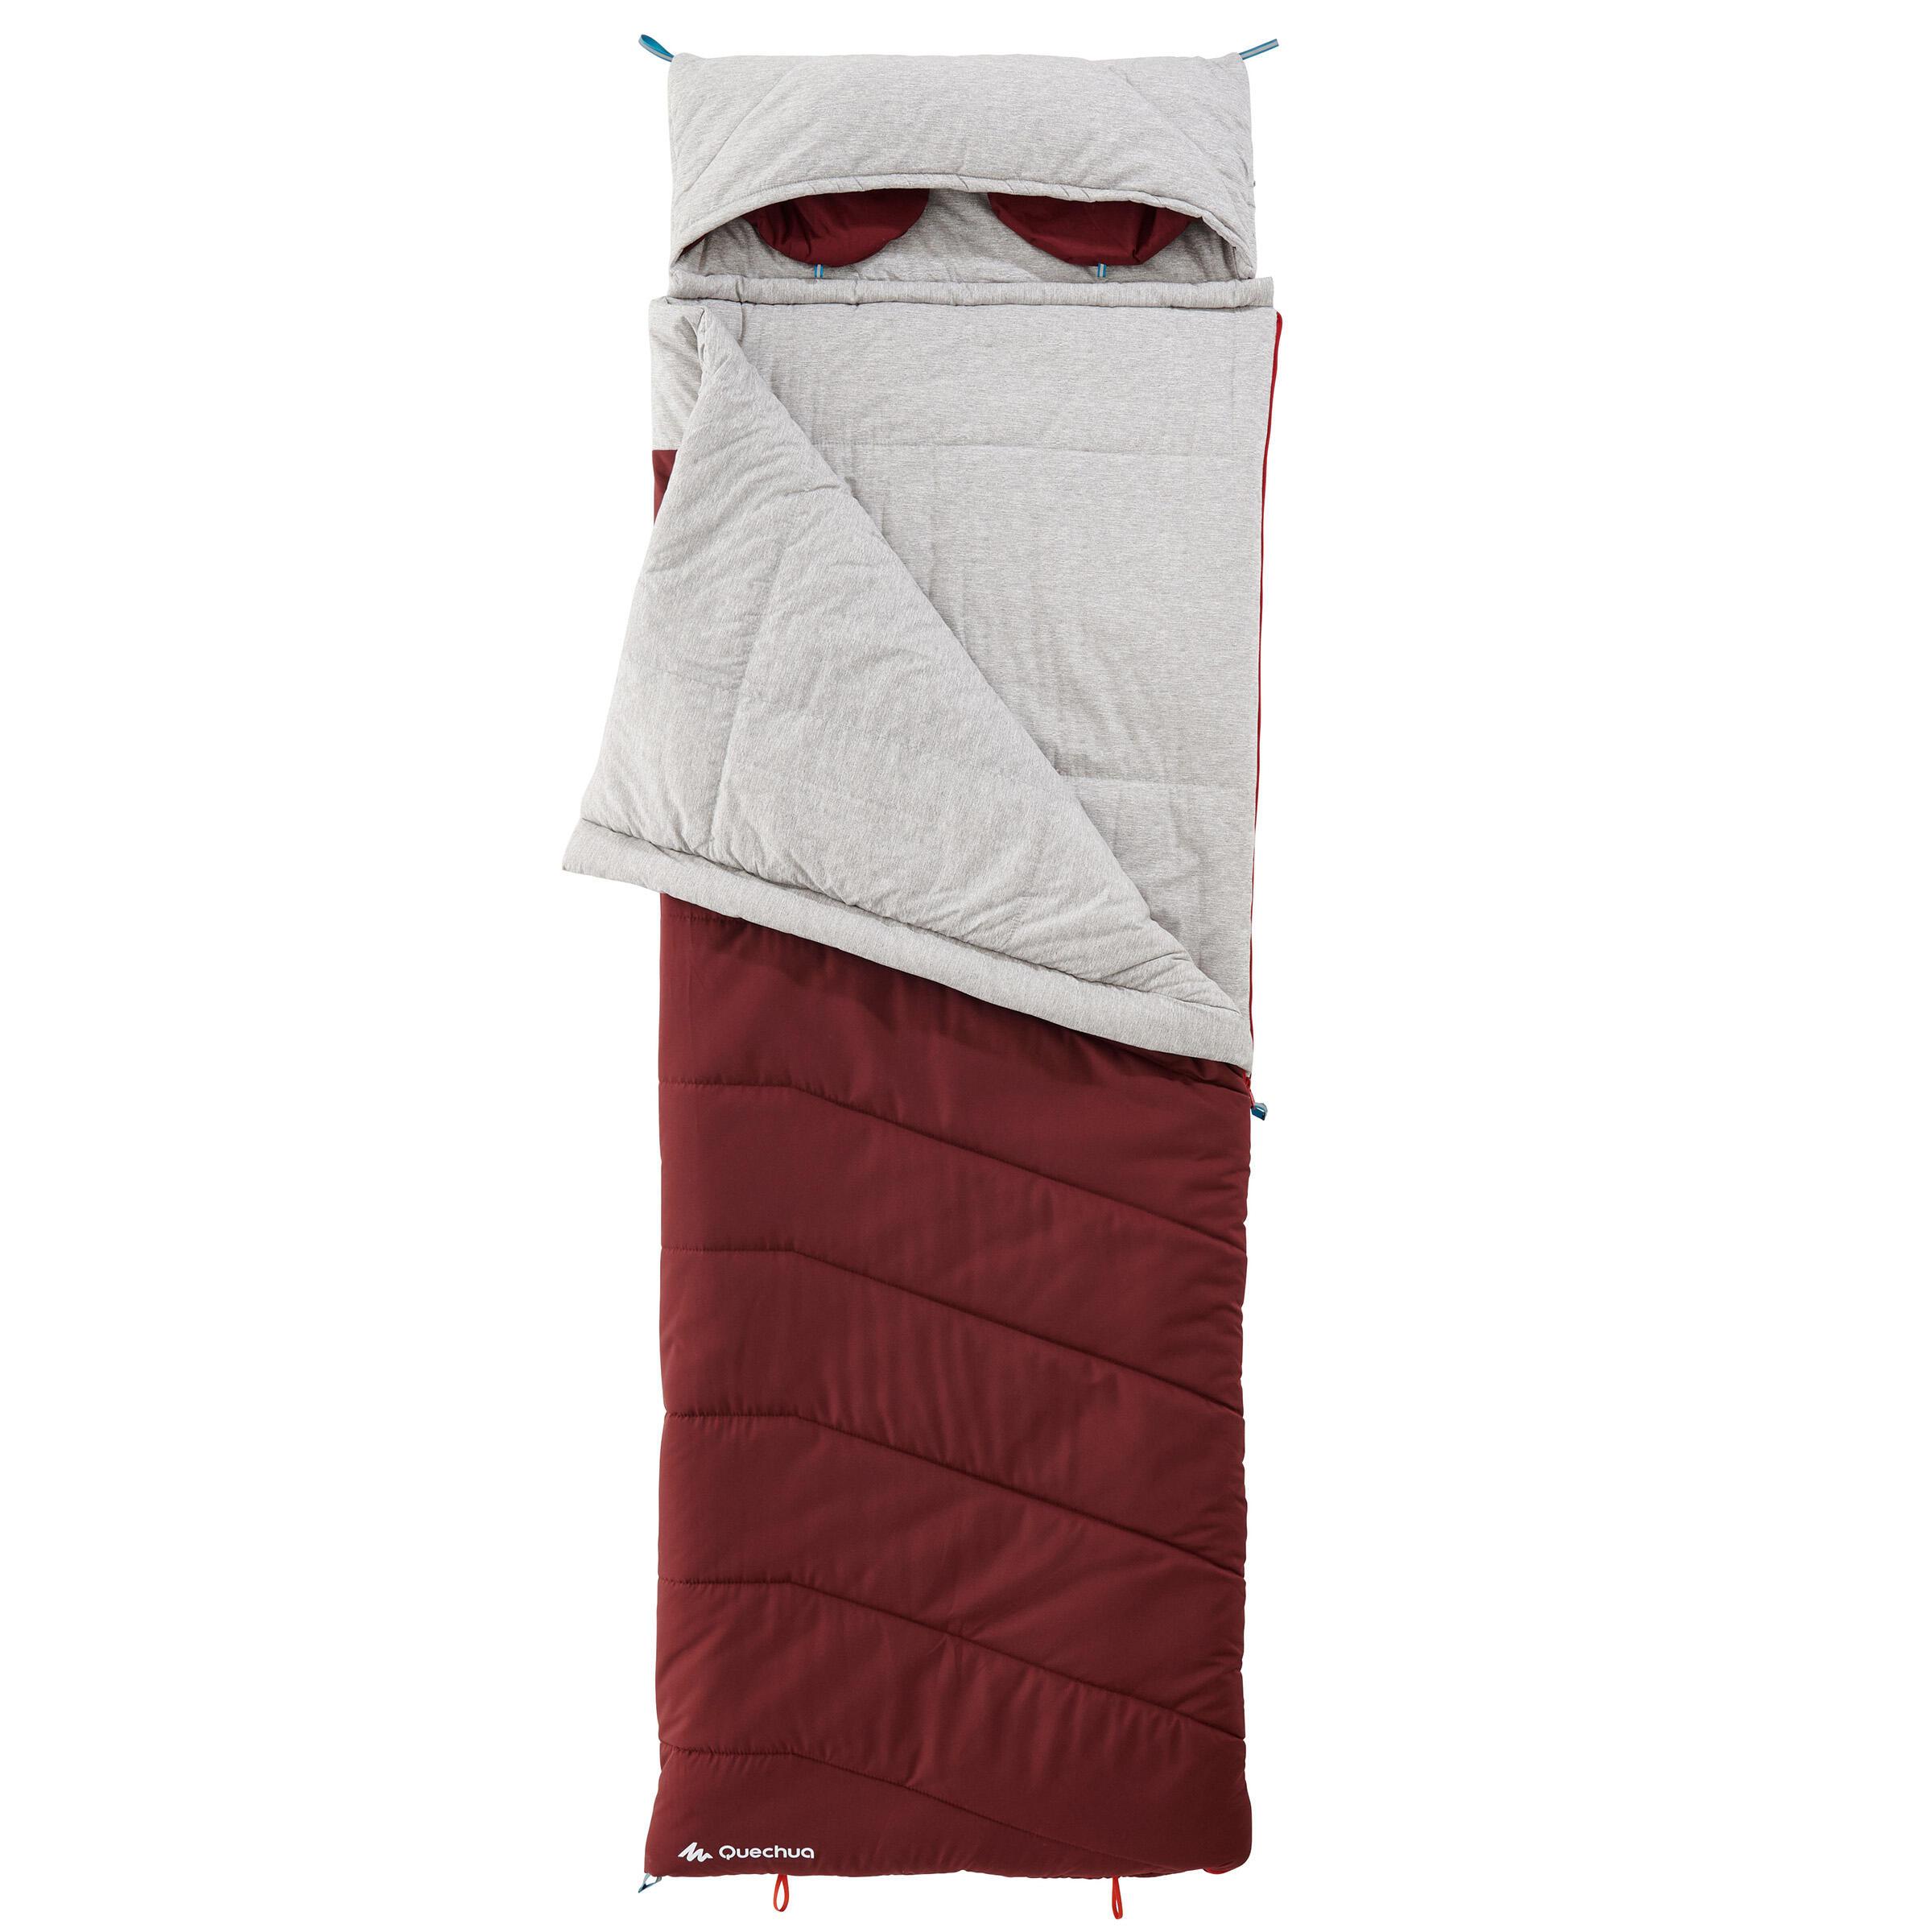 Sac de dormit Arpenaz 0° Roșu